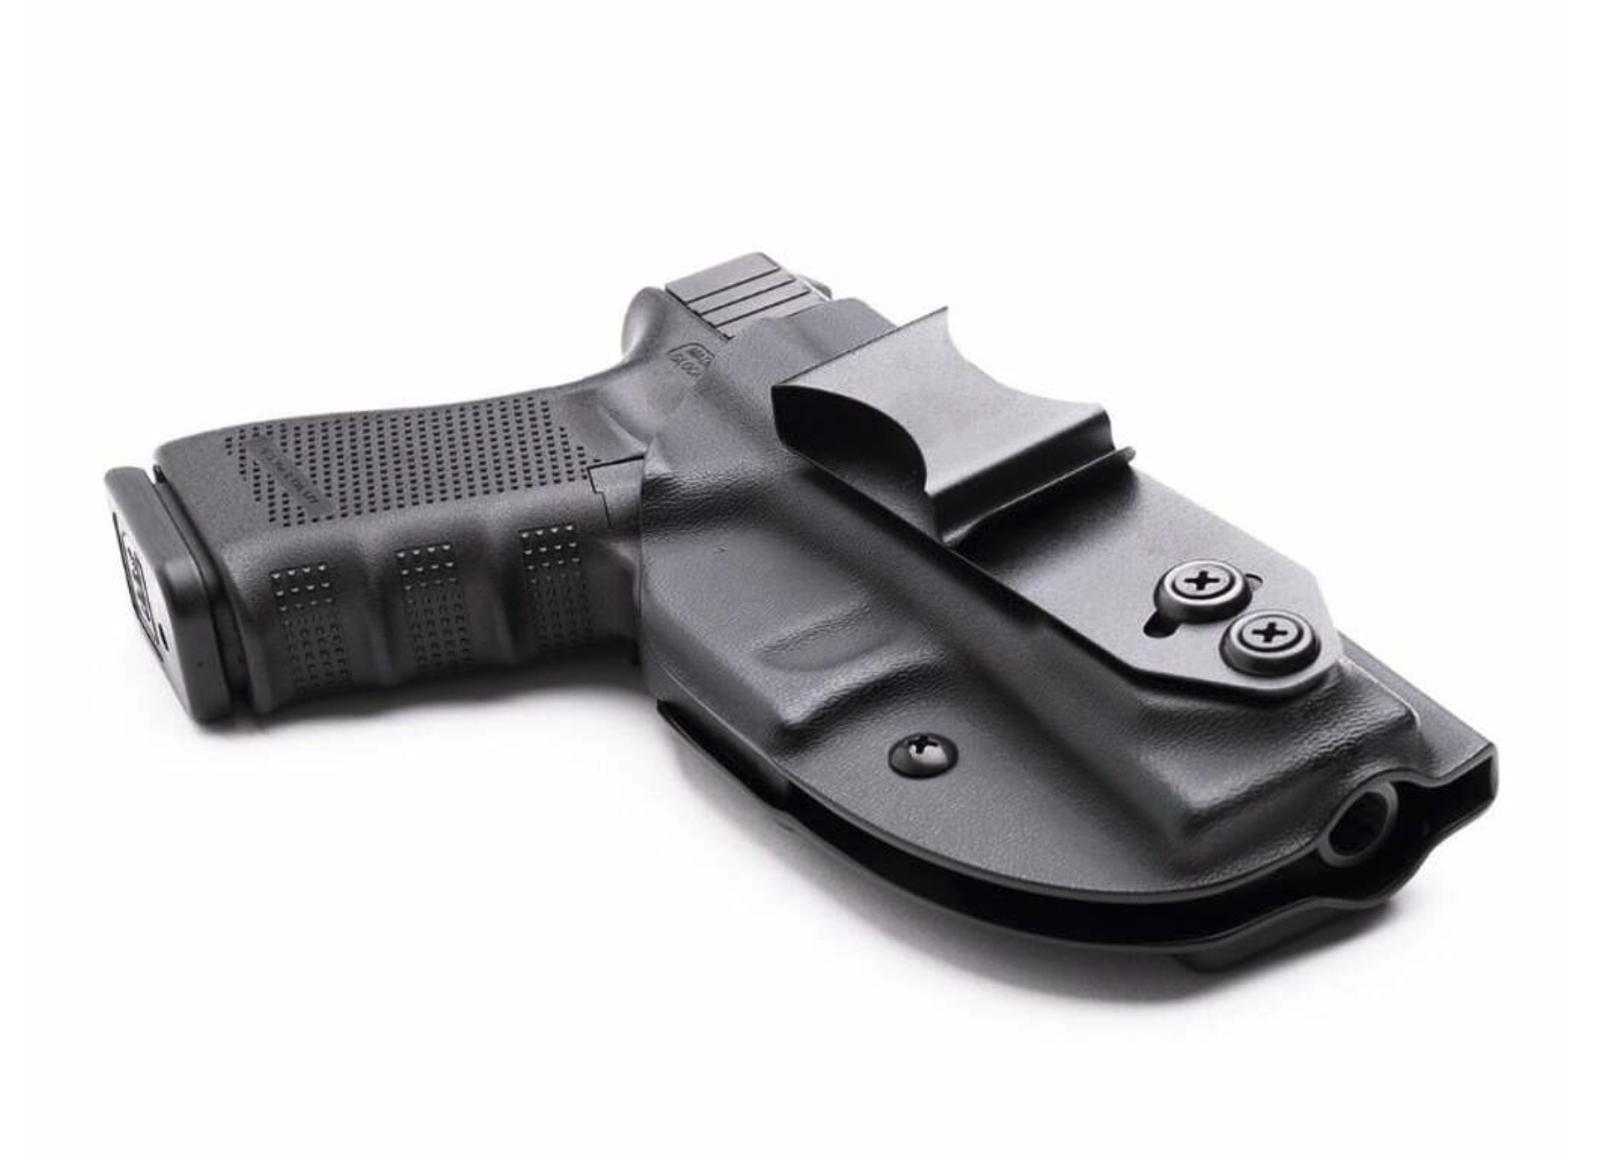 vedder lighttuck IWB holster